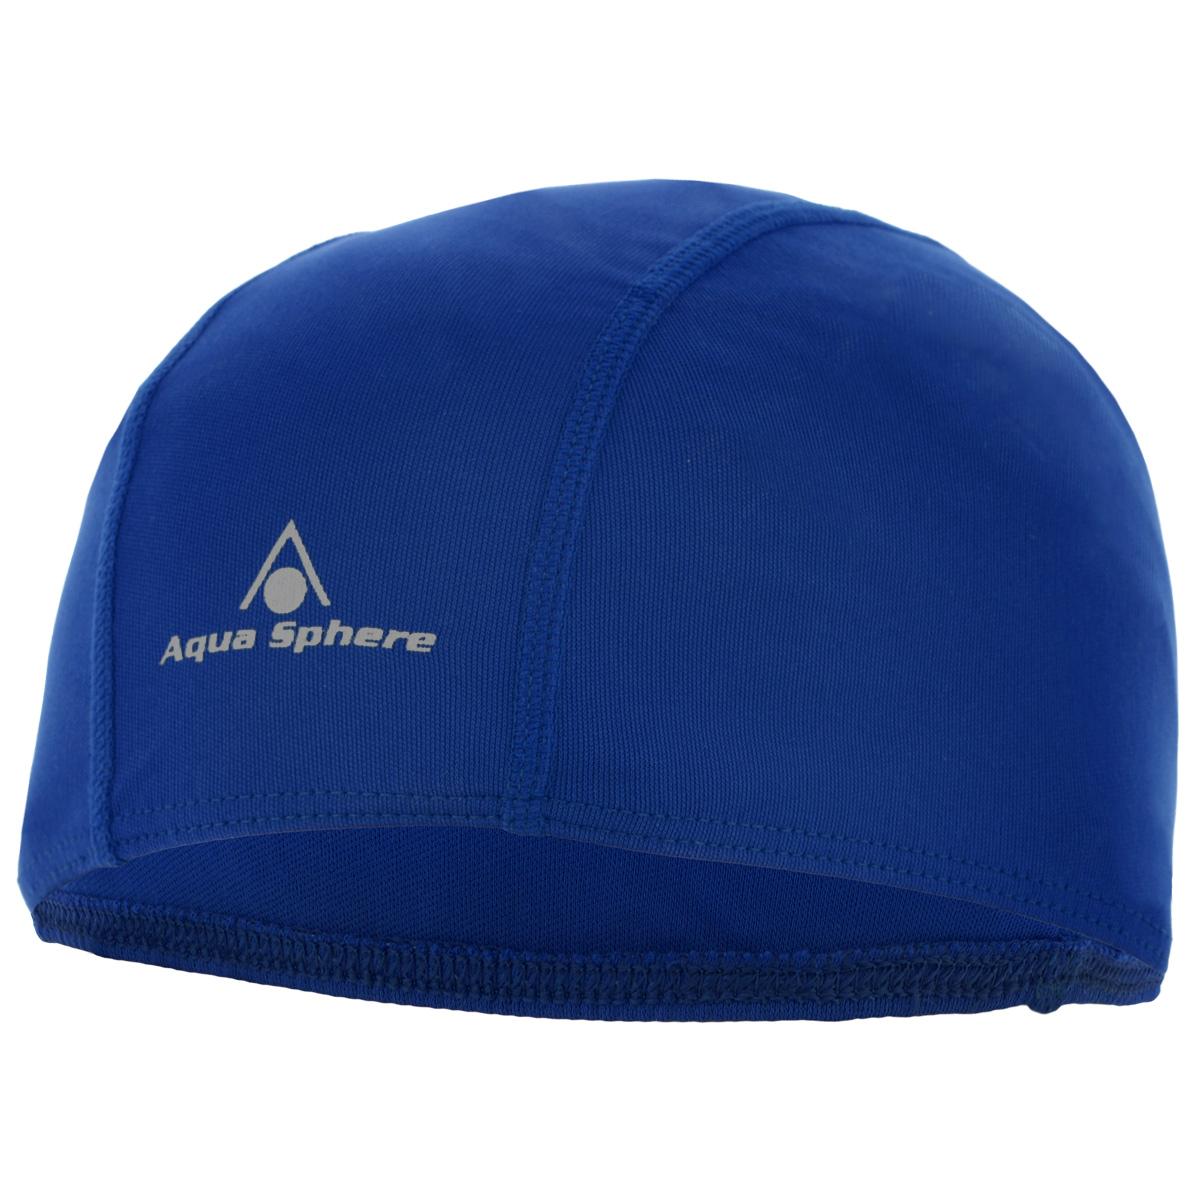 Шапочка для плавания Aqua Sphere Easy Cap, детская, цвет: синийSP 946055 BLДетская шапочка для плавания Aqua Sphere Easy Cap традиционной формы изготовлена из высококачественного прочного полиэстера. Материал делает ее легкой и суперэластичной.